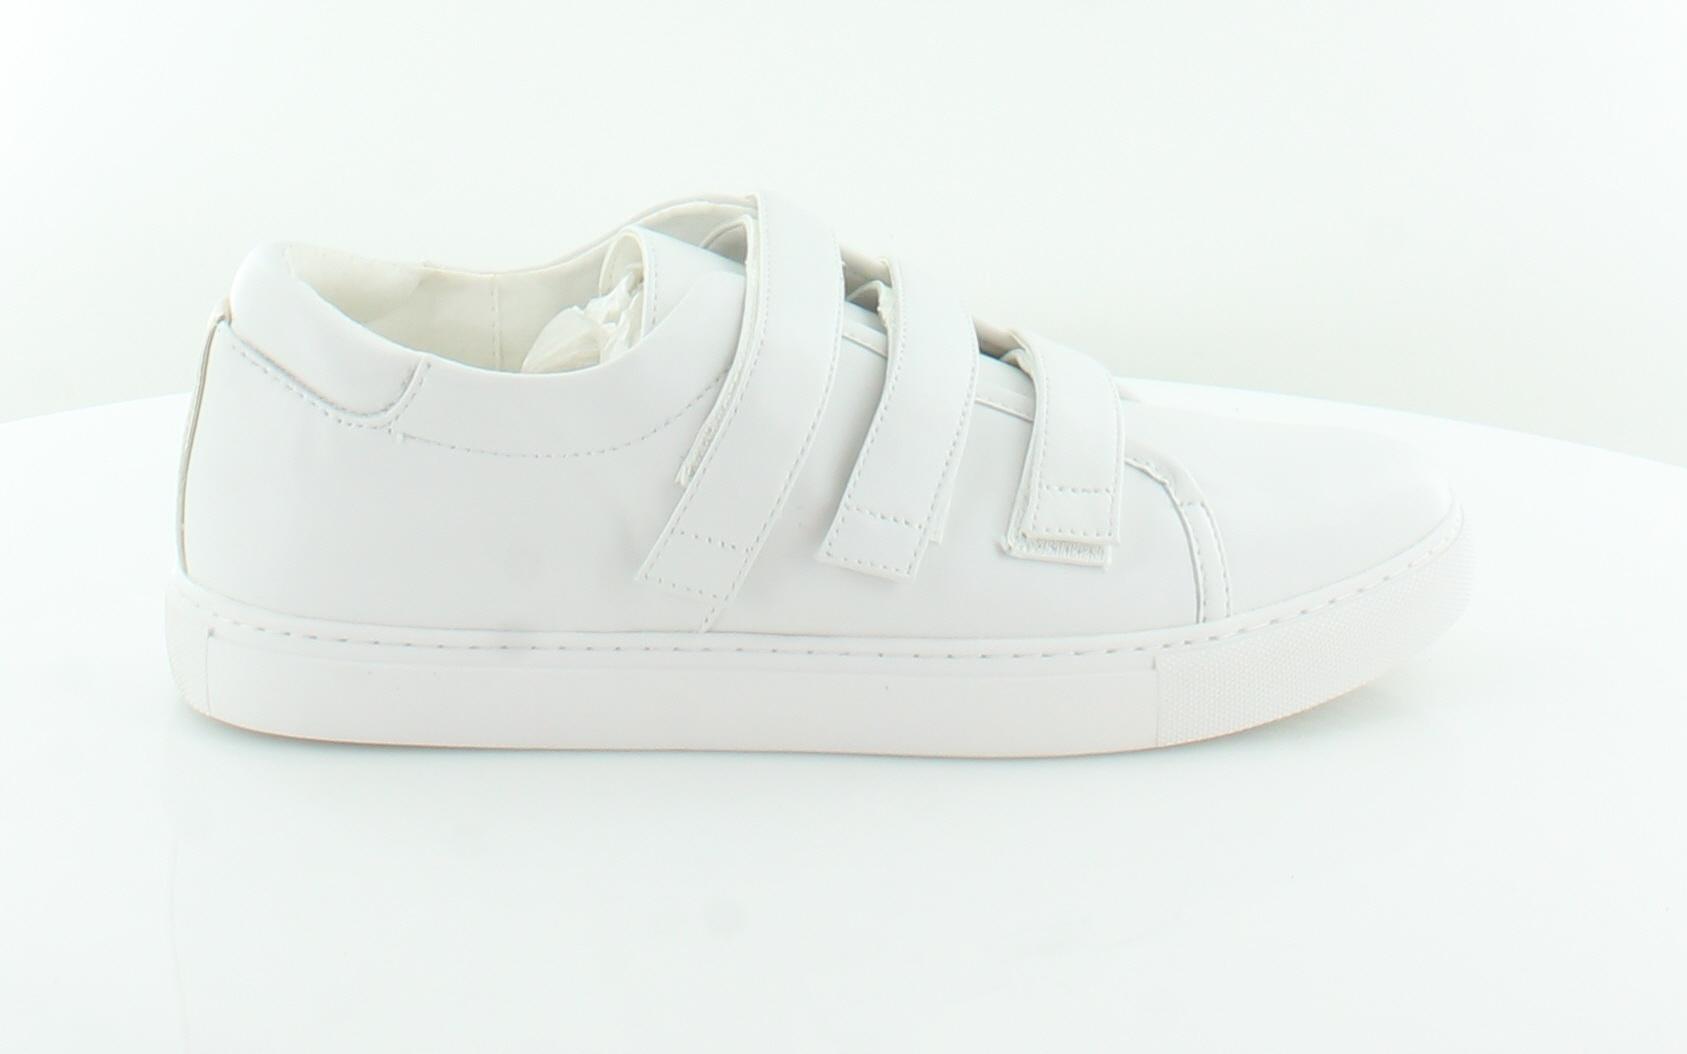 Kenneth Cole New York Kingvel bianca donna donna donna scarpe 11 M Fashion scarpe da ginnastica 886a33